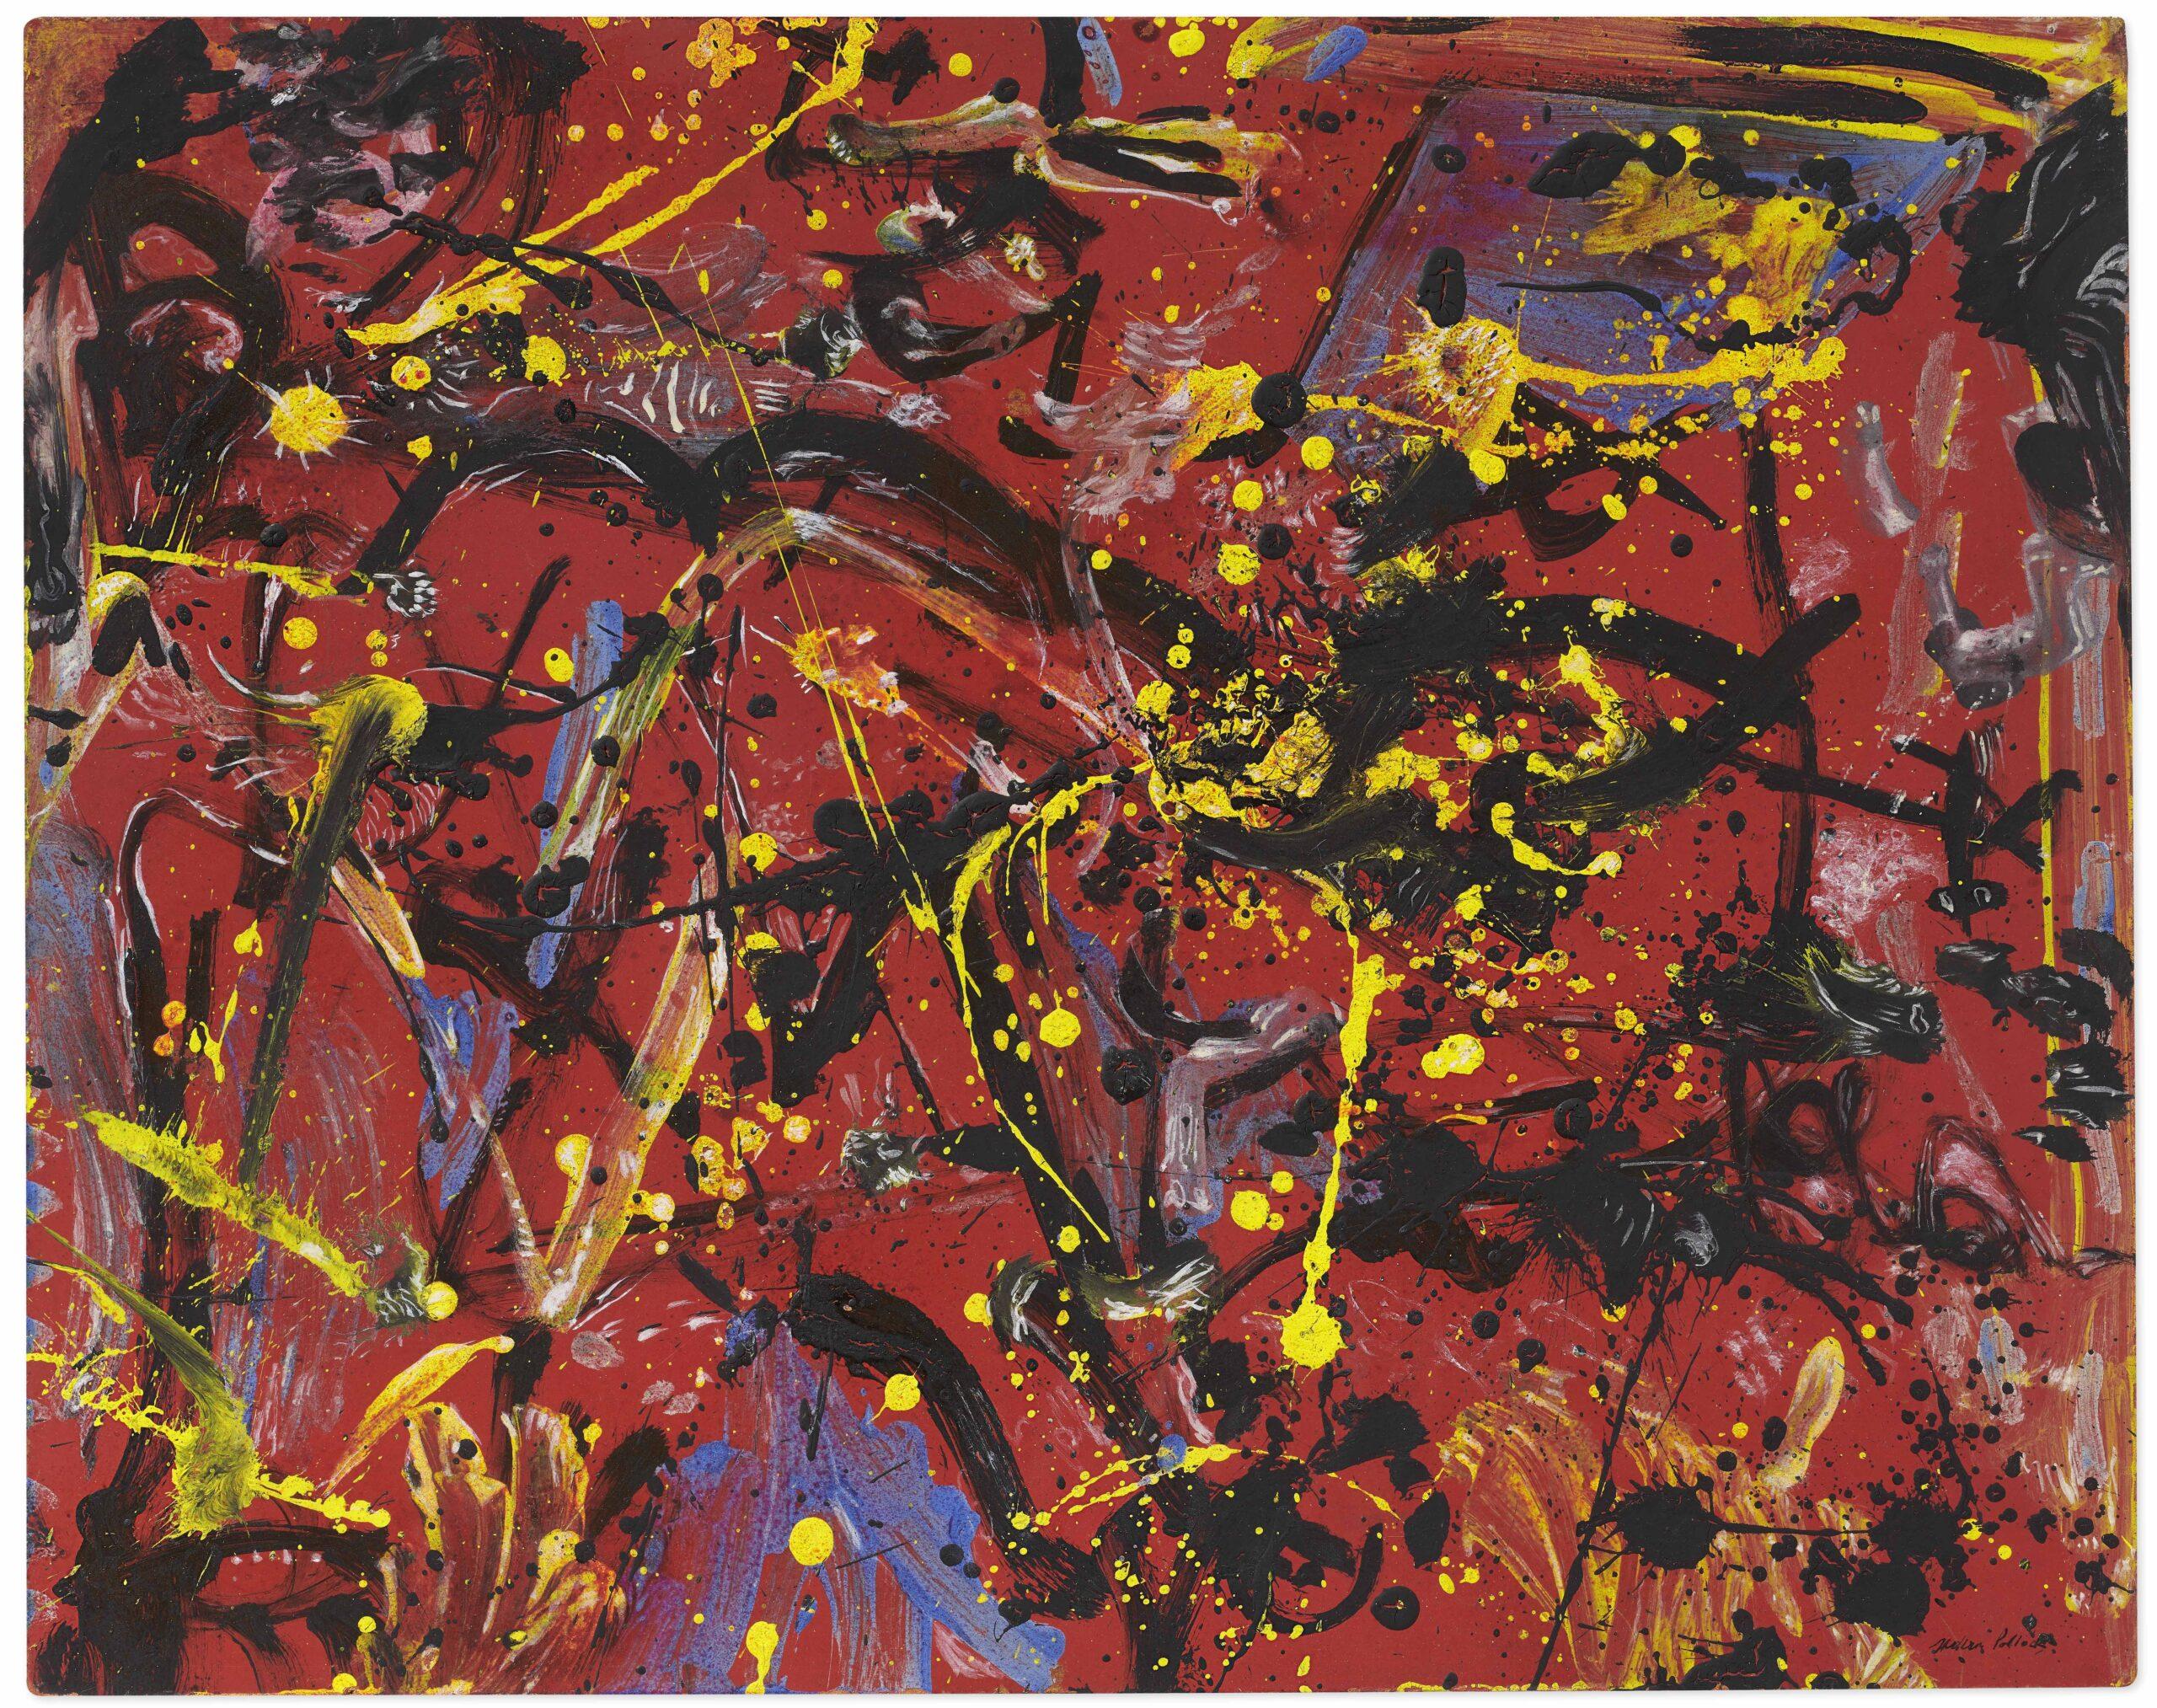 Quando la pittura si liberò dal pennello. Un'opera giovanile di Jackson Pollock in asta da Christie's